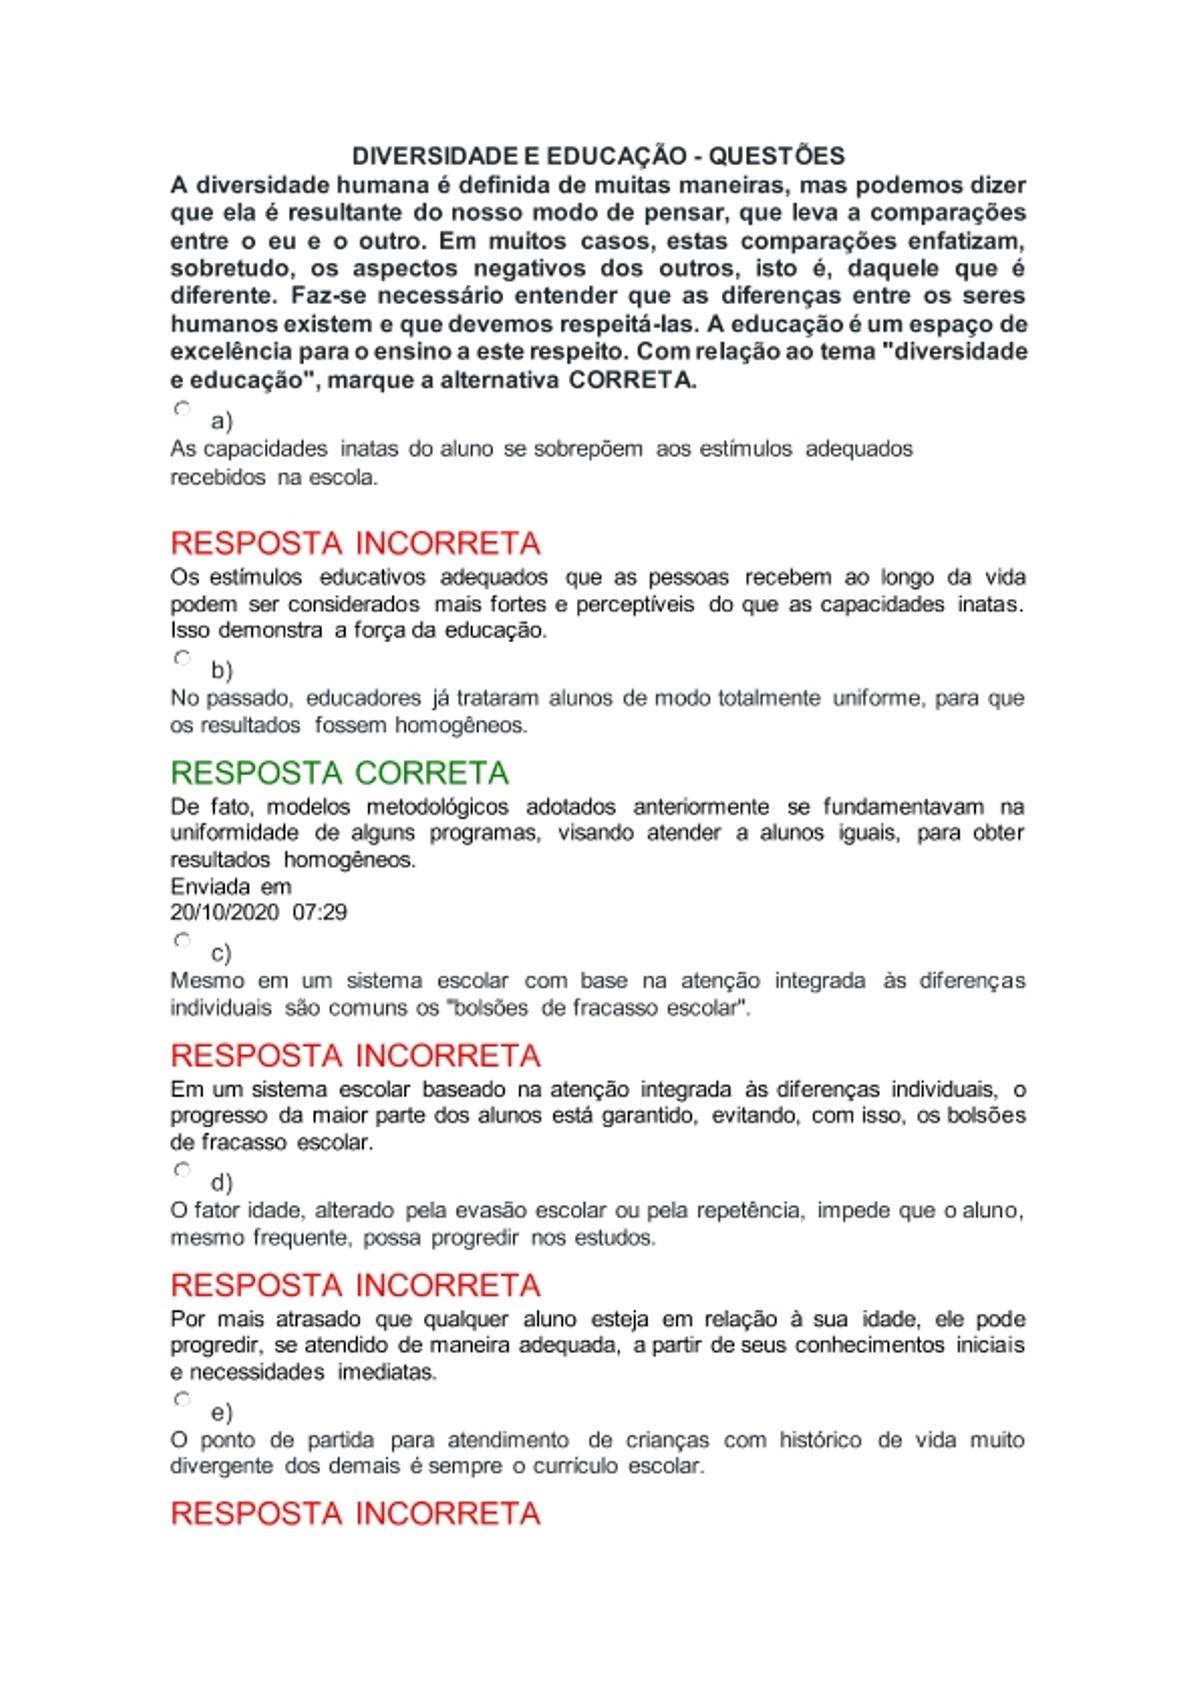 Pre-visualização do material DIVERSIDADE E EDUCAÇÃO - N1 - QUESTÕES TOPICO 1 AO 6 - página 1